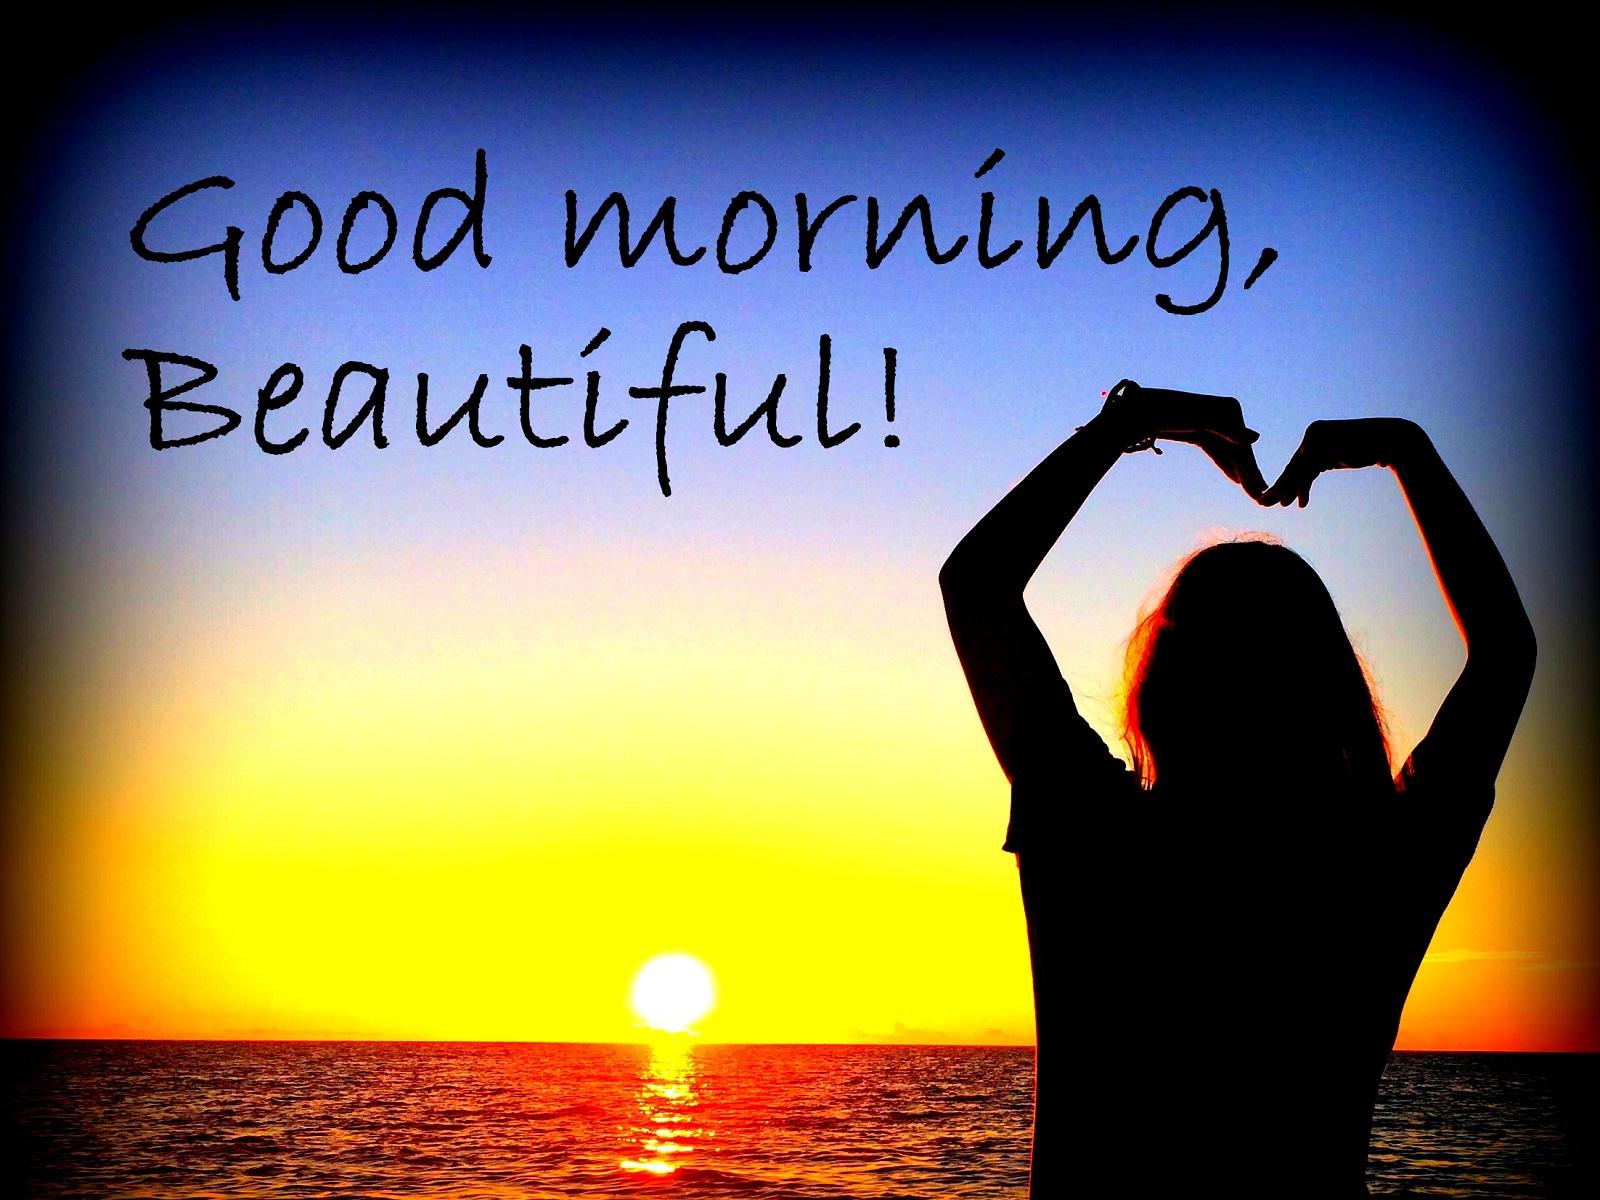 بالصور صور للصباح , شاهد اجمل صور الصباح الممتعة 217 2